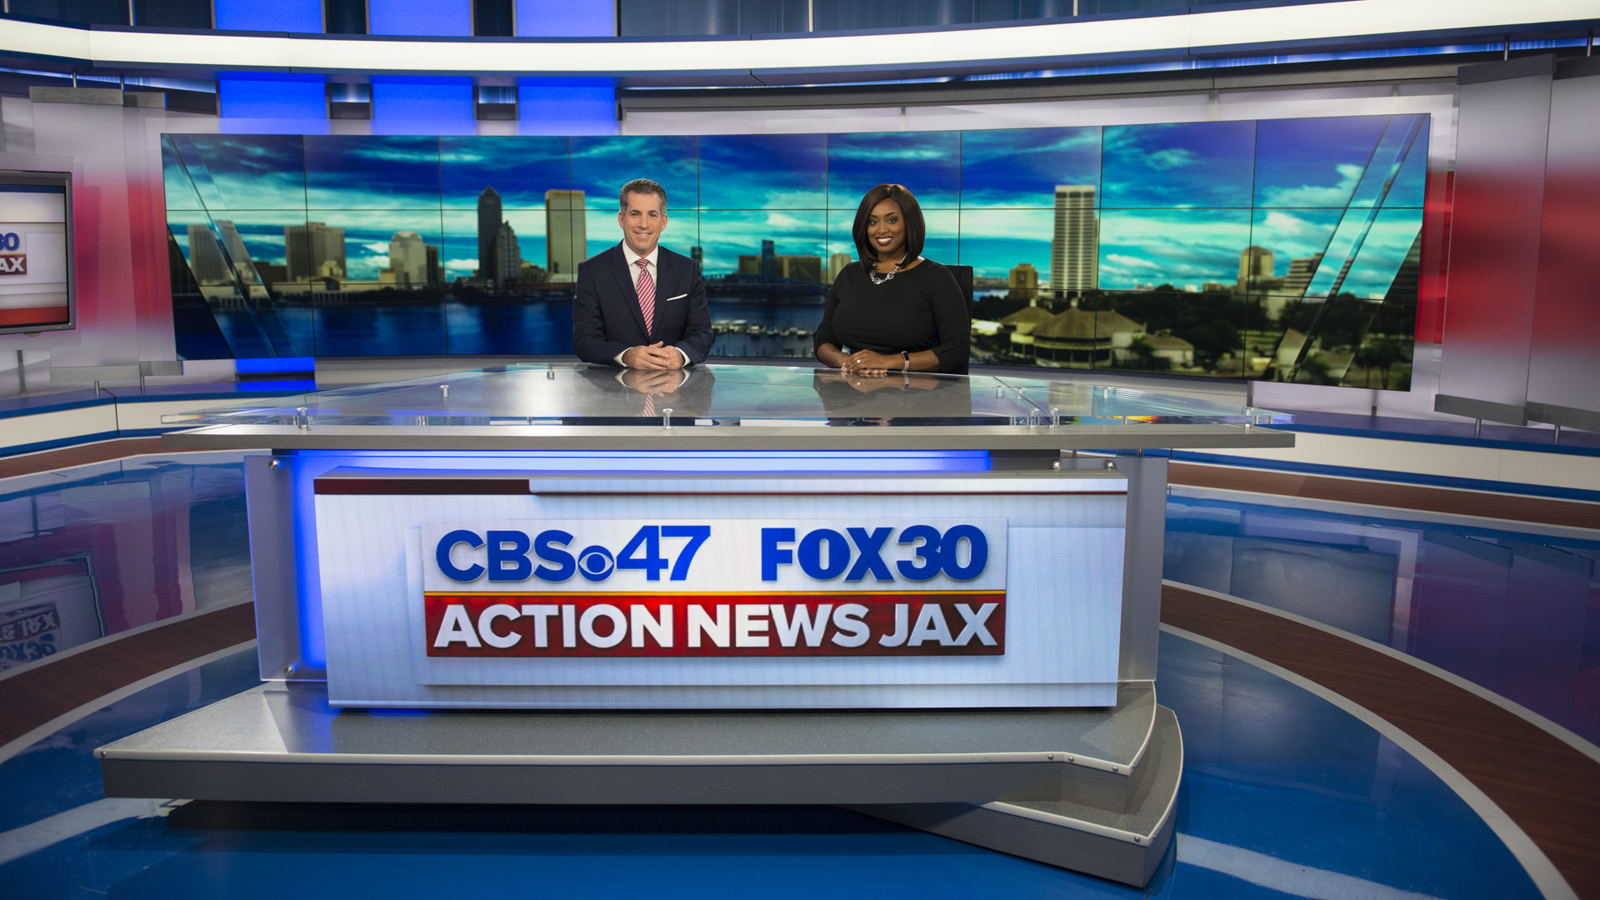 ncs_action-news-jax-tv-studio-wjax_0015